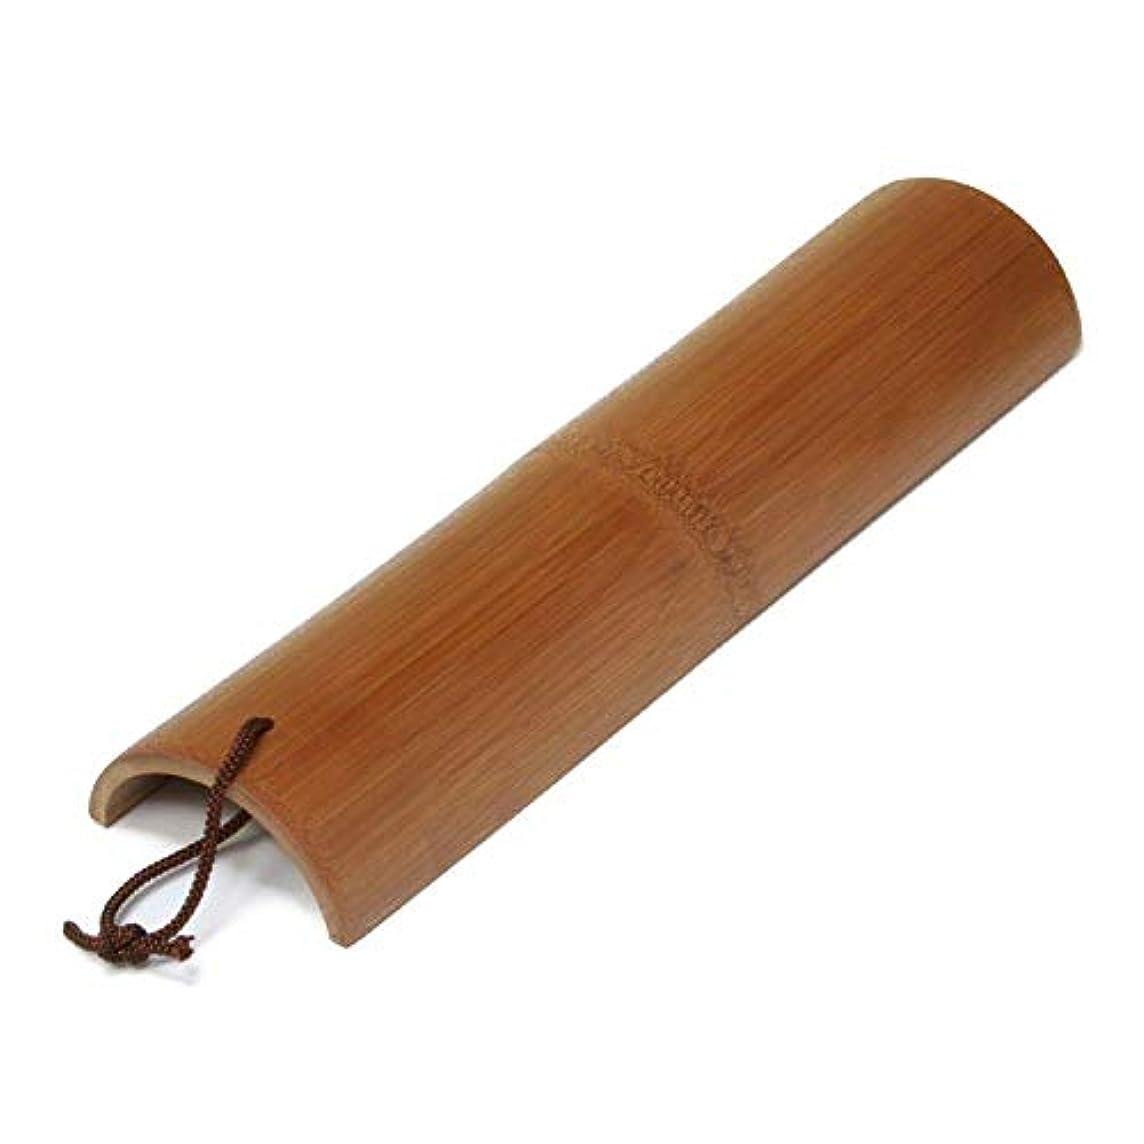 クラシカル嫌がる学んだ炭化竹製「大判?踏み竹」 「竹の本場?大分県」よりお届けします